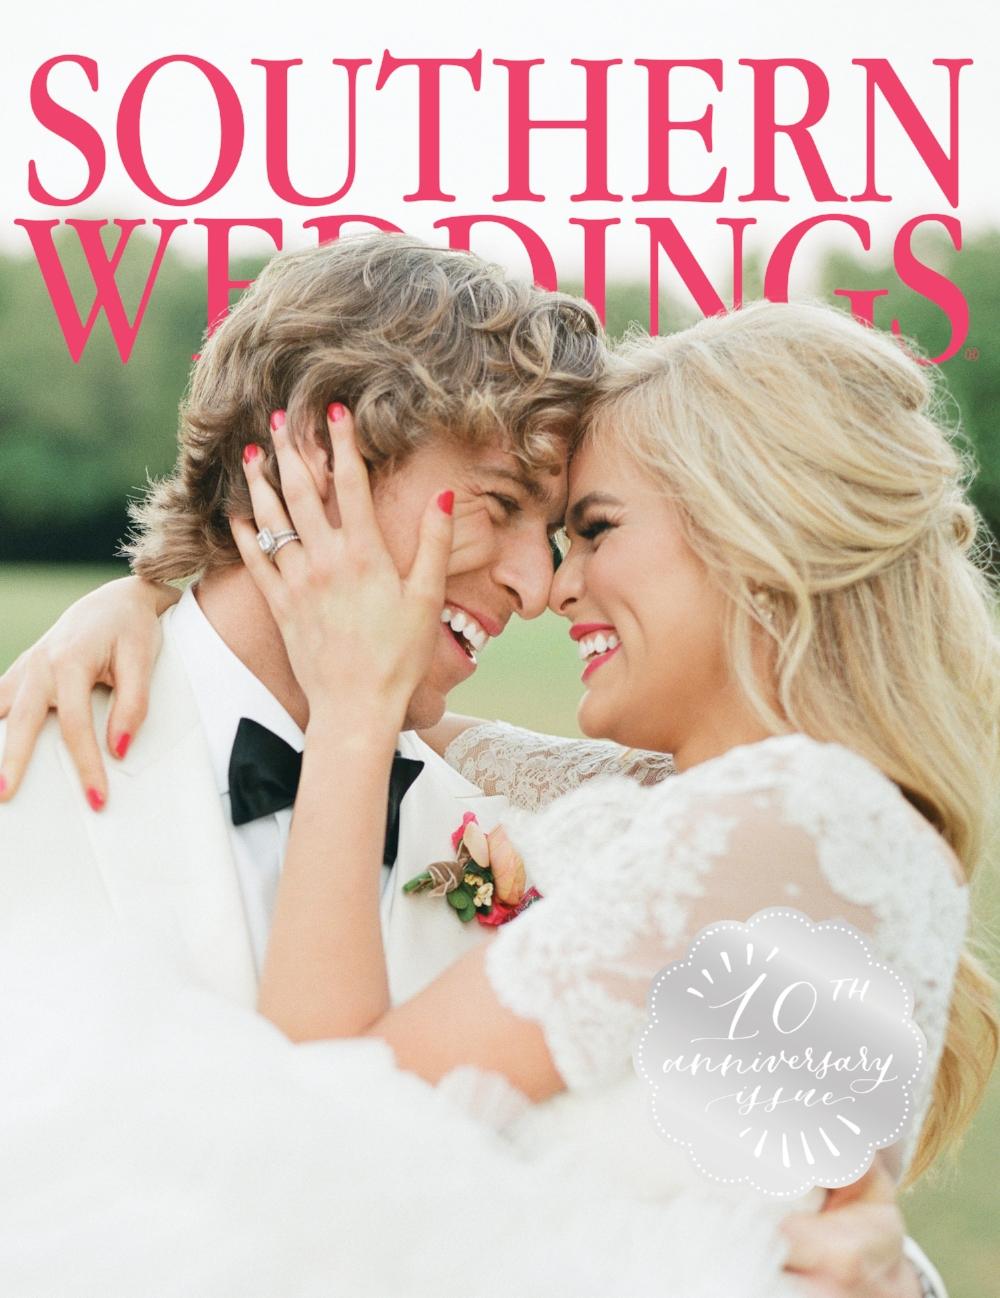 Southern Weddings v10 Magazine